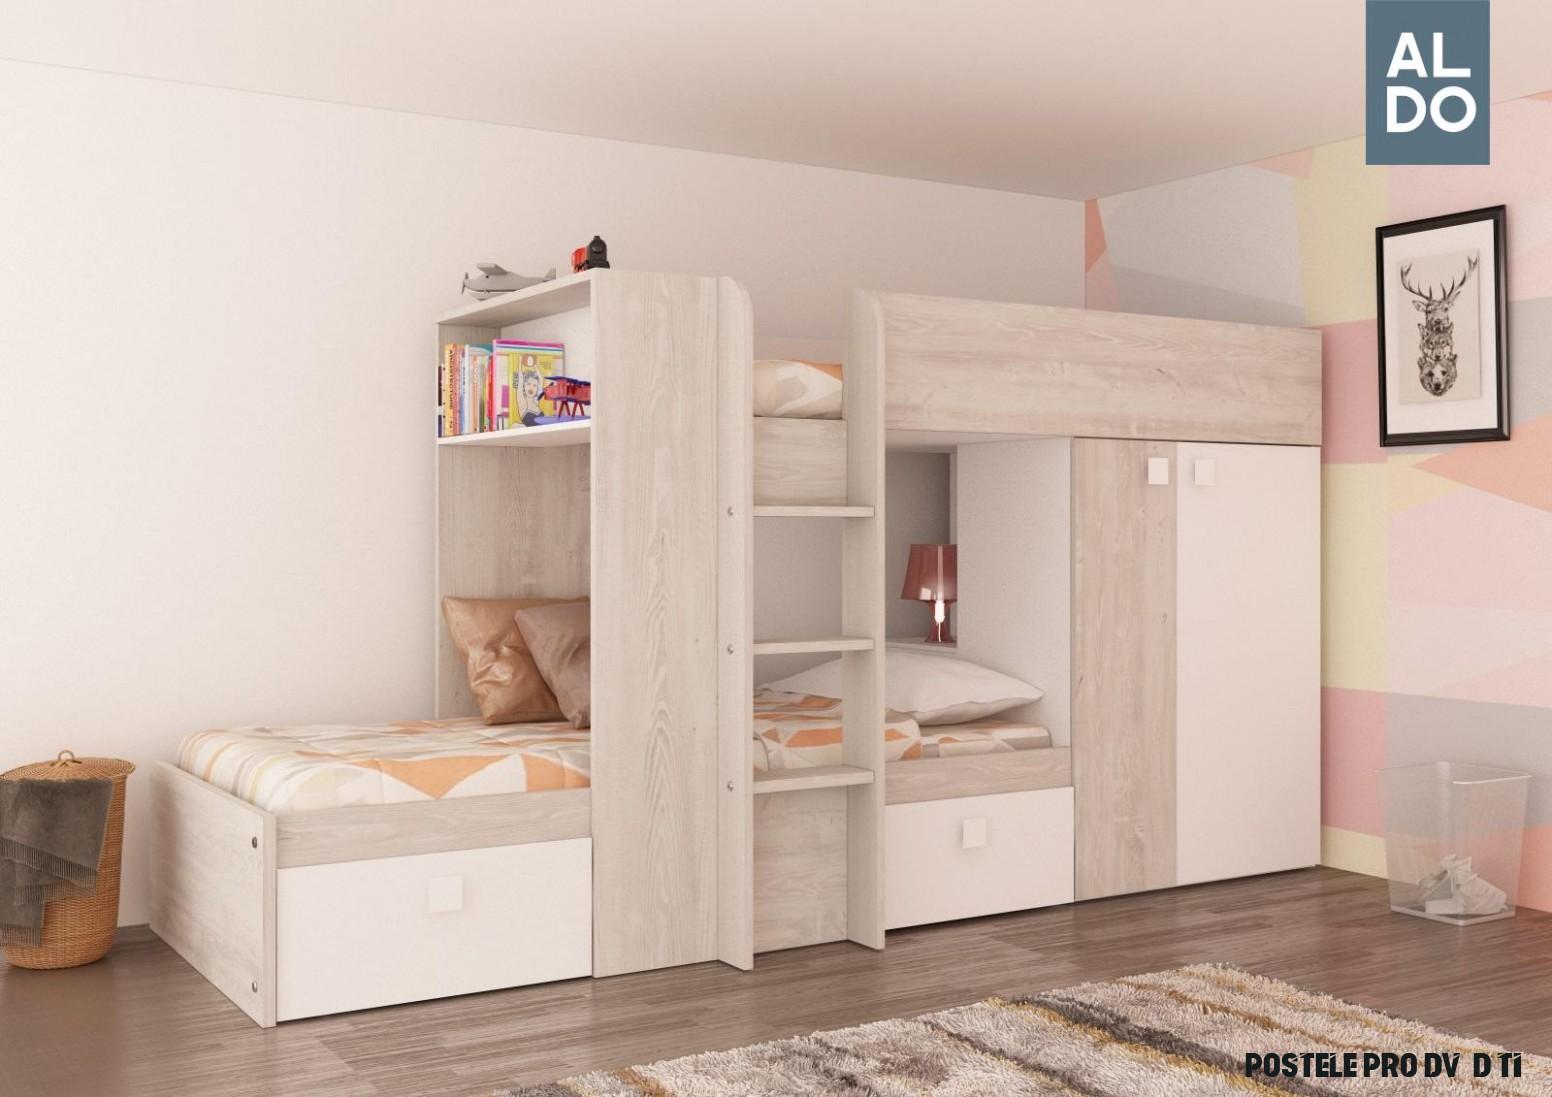 Patrová postel pro dvě děti Bo19 19x19 - bílá